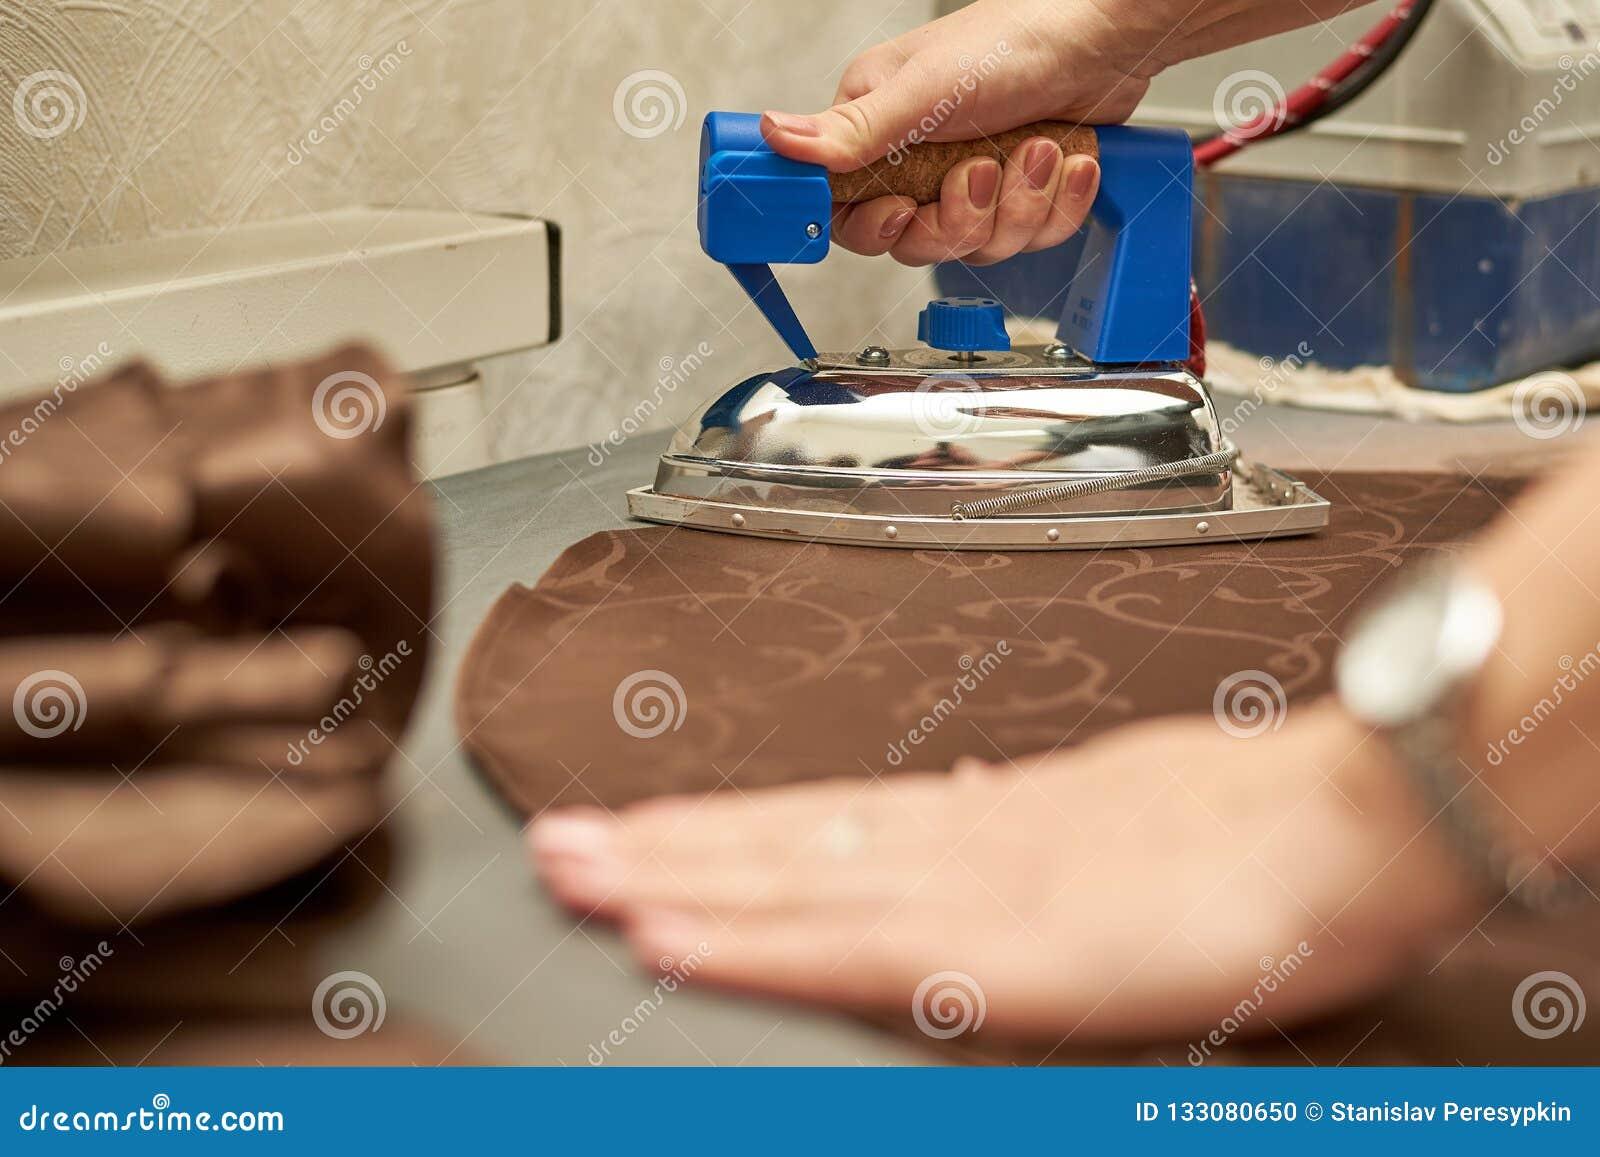 Frau, die ein braunes Material mit einem Eisen auf einem Bügelbrett streicht